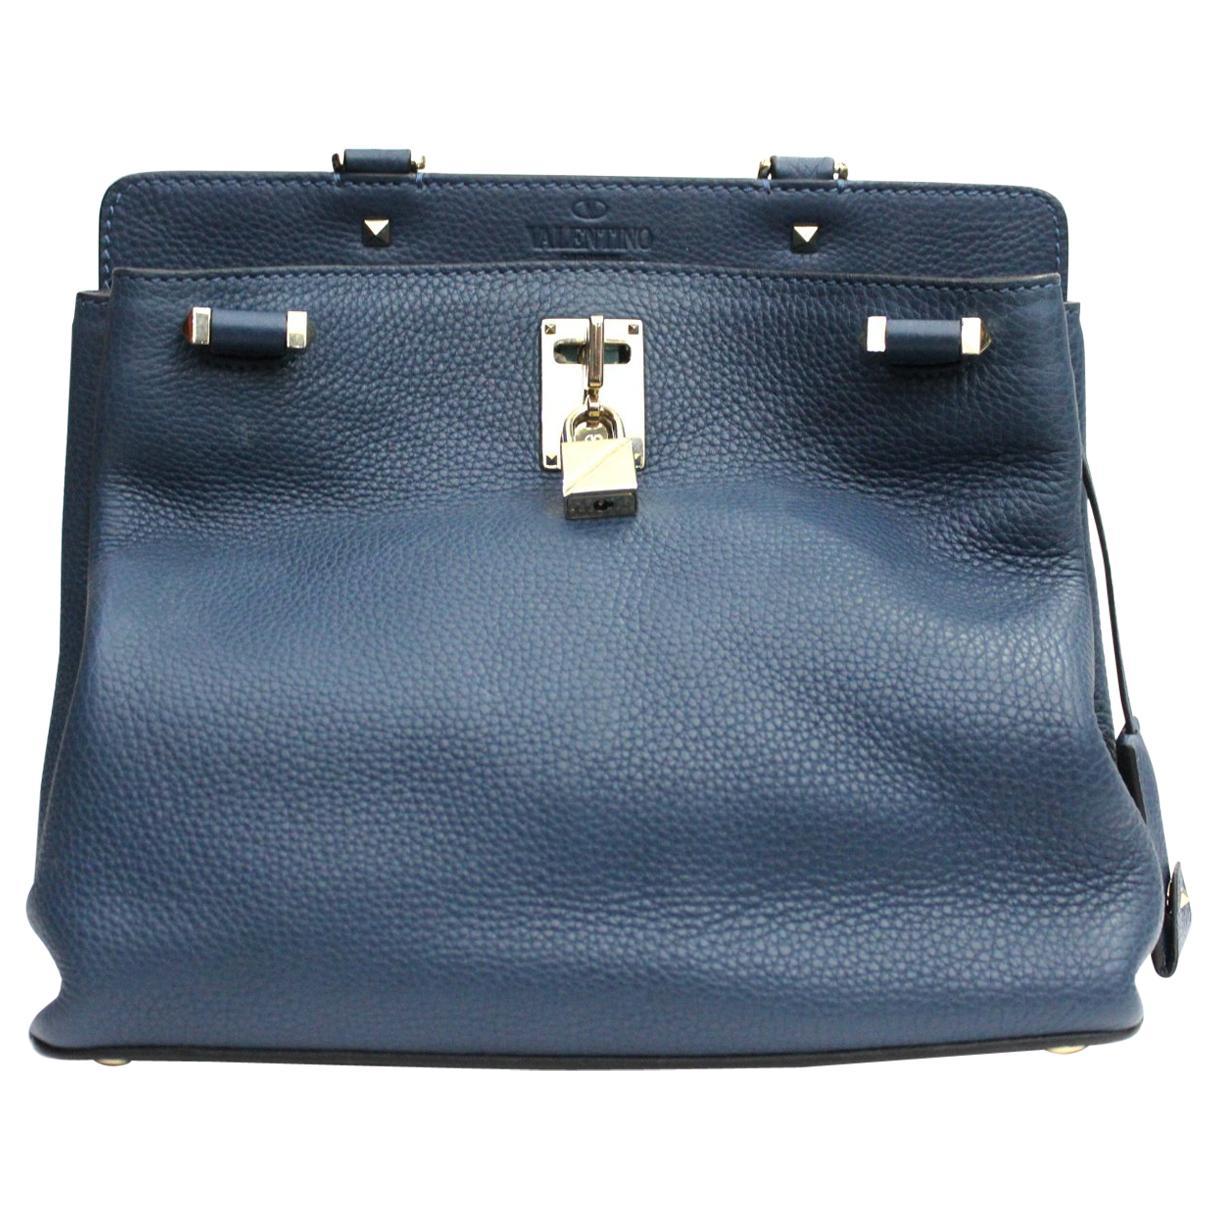 Valentino  Blue Leather Joy Lock Shoulder Bag